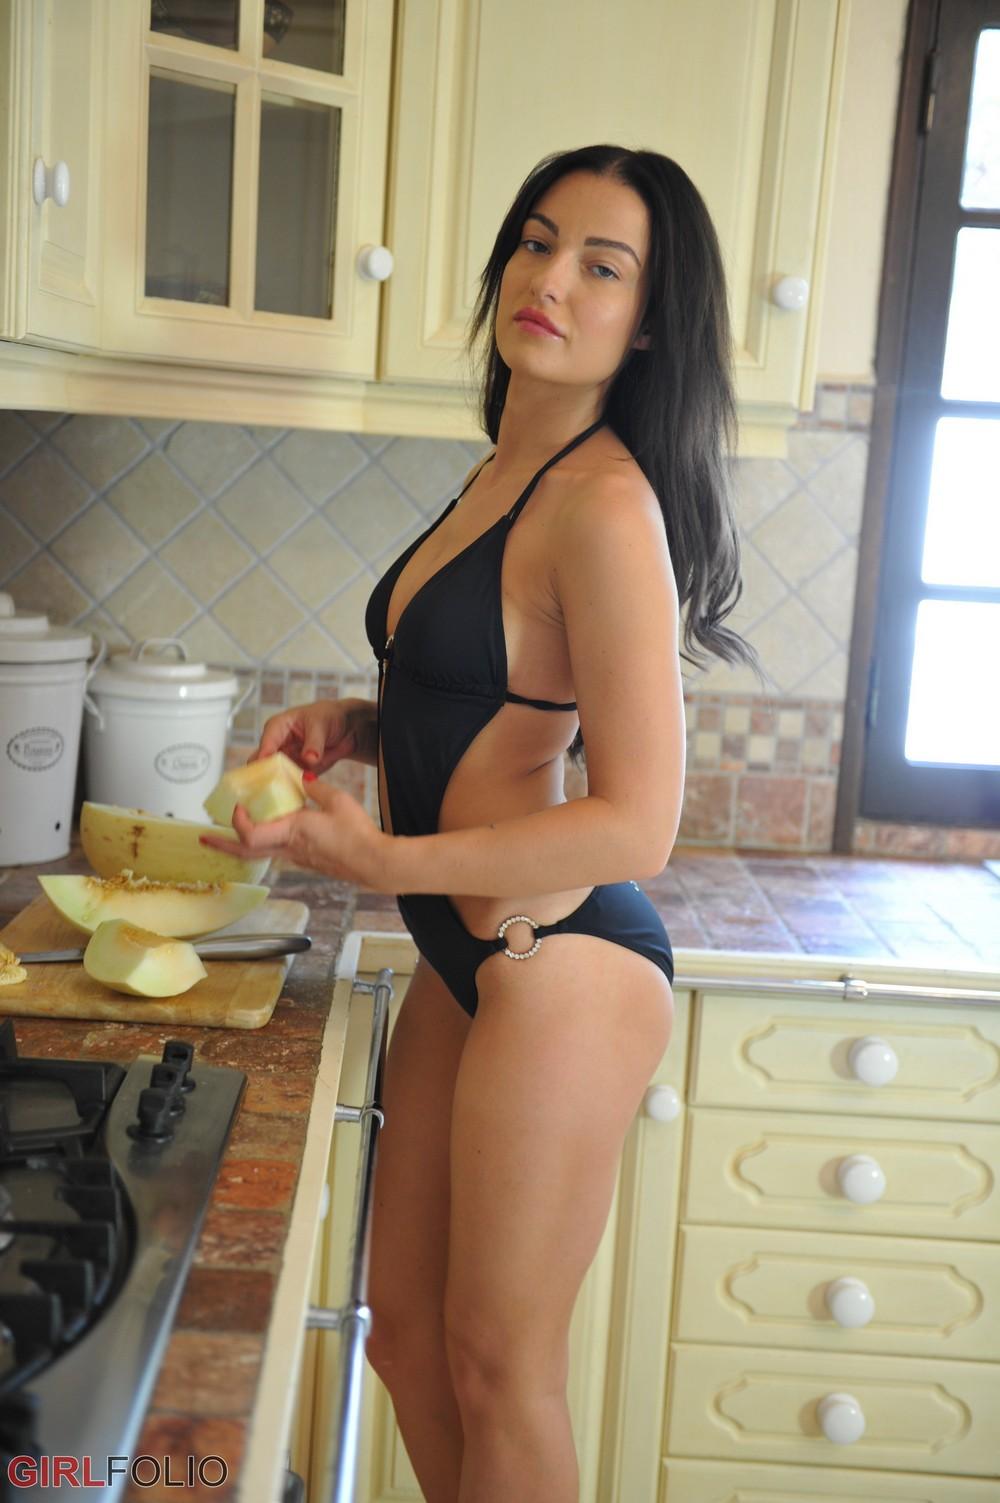 Kayleigh кушает дыню на кухне